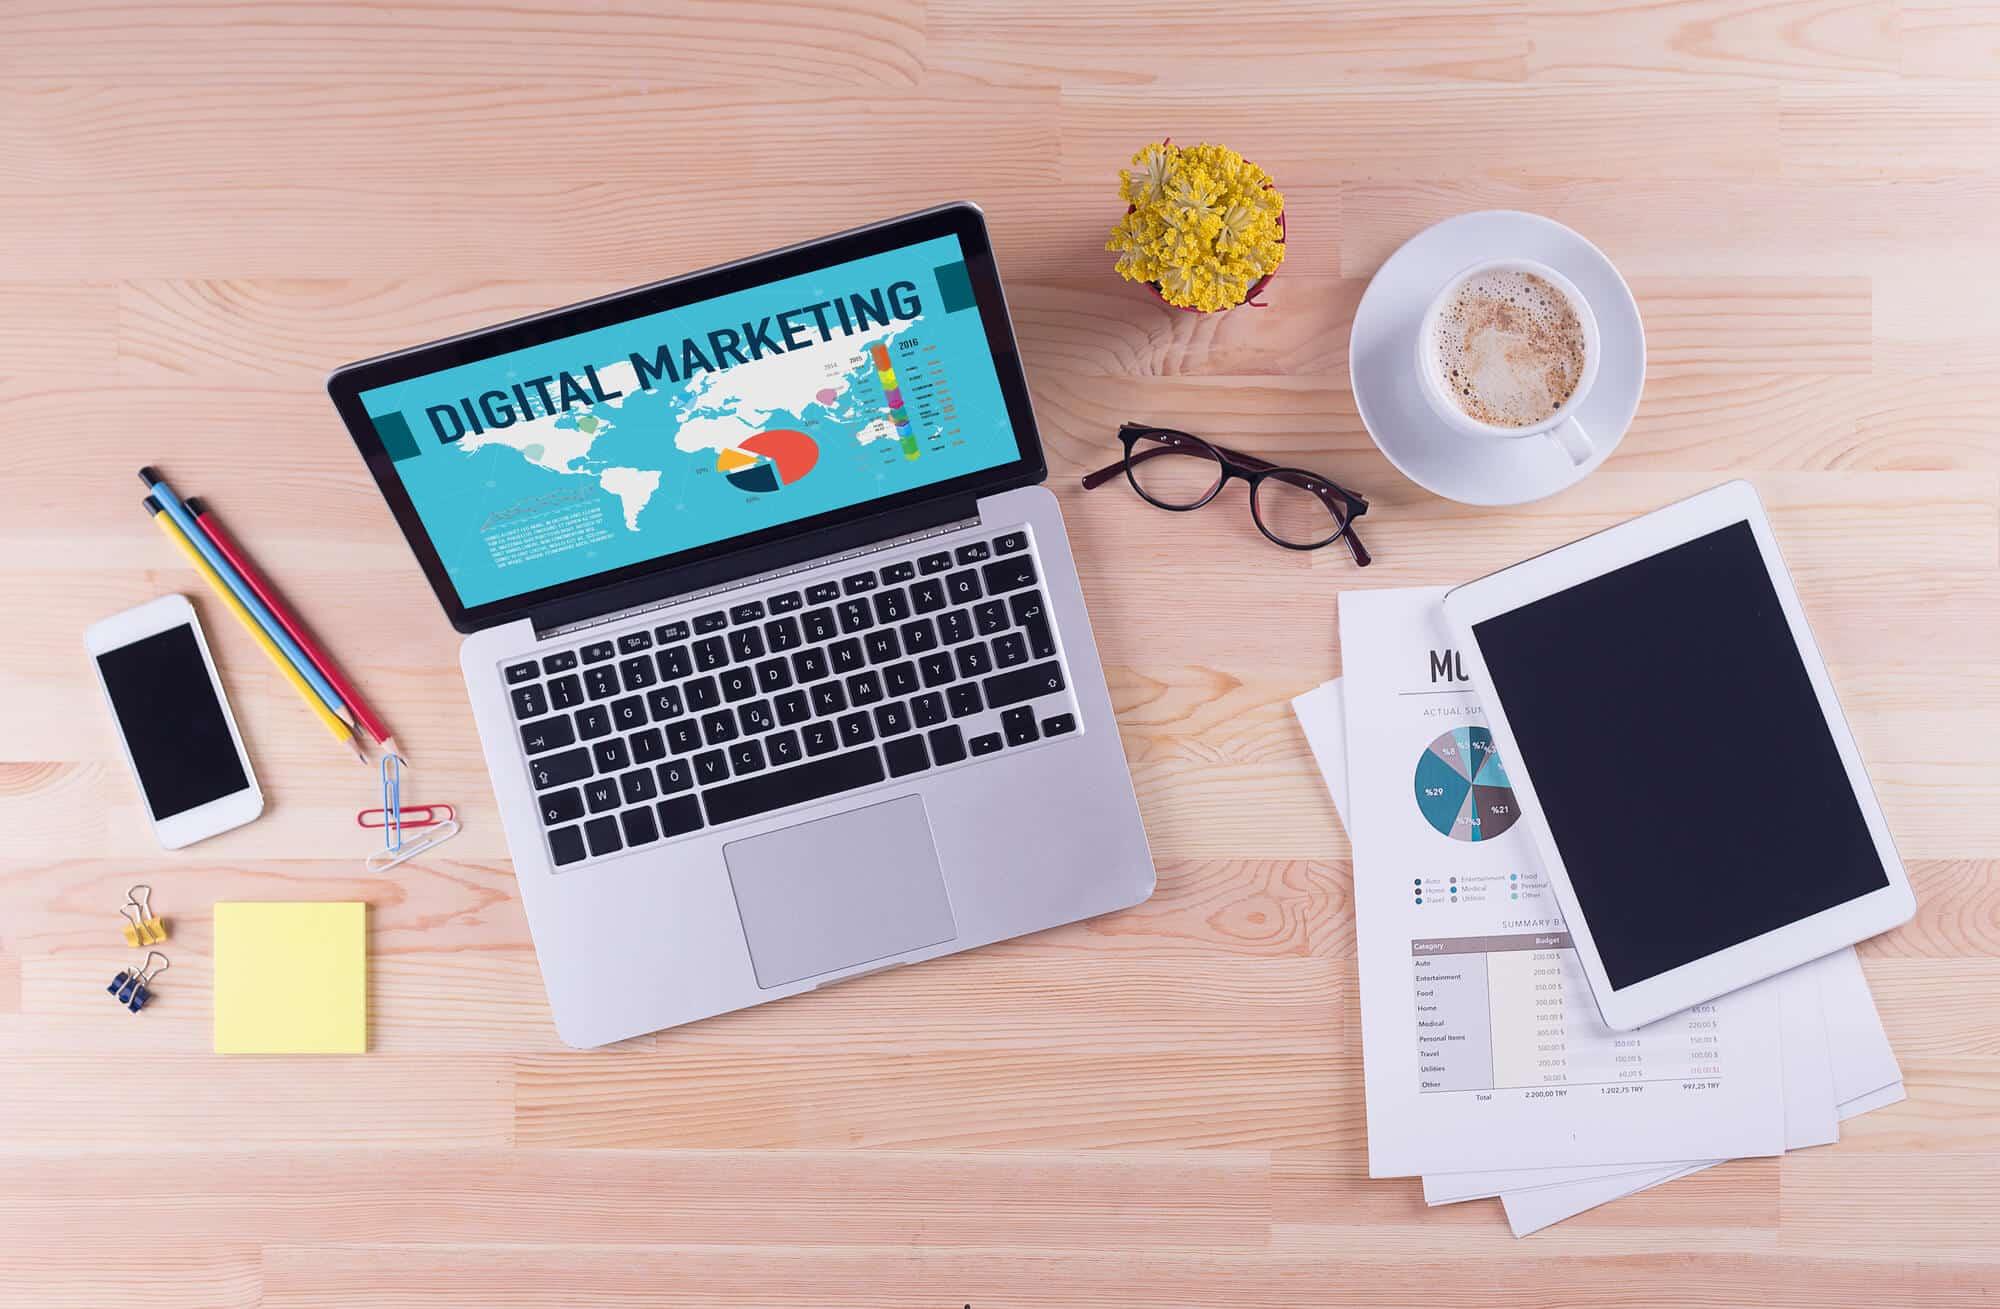 Digital Marketing and Web Design Agency - Big Easy SEO